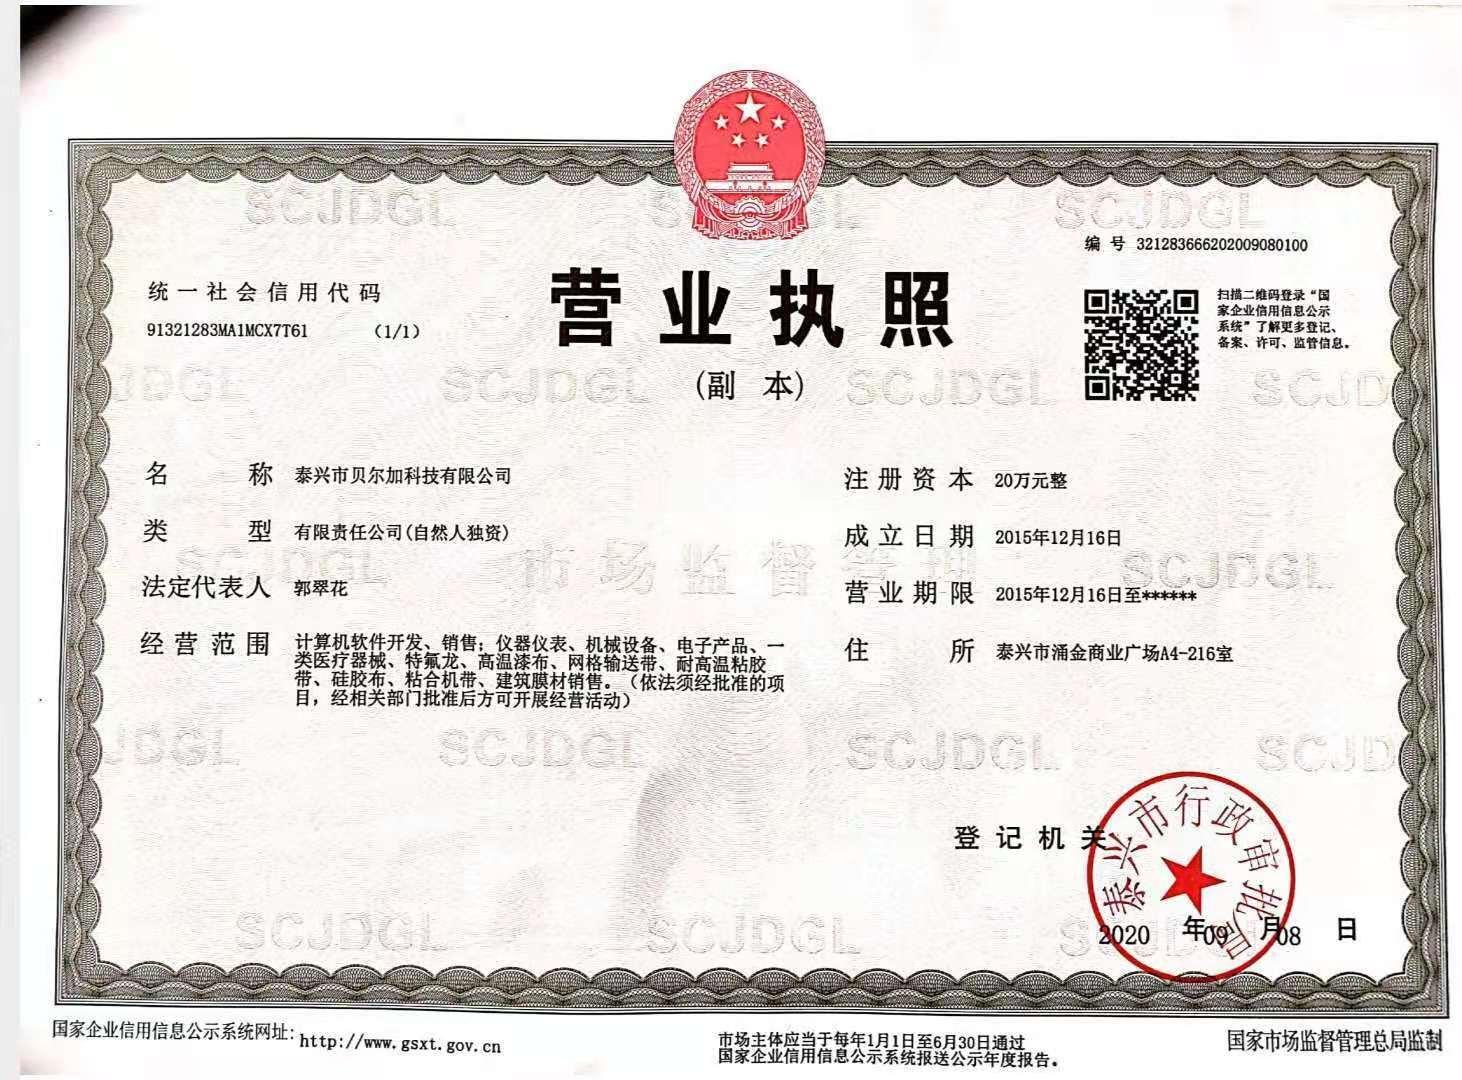 泰兴市贝尔加科技有限公司